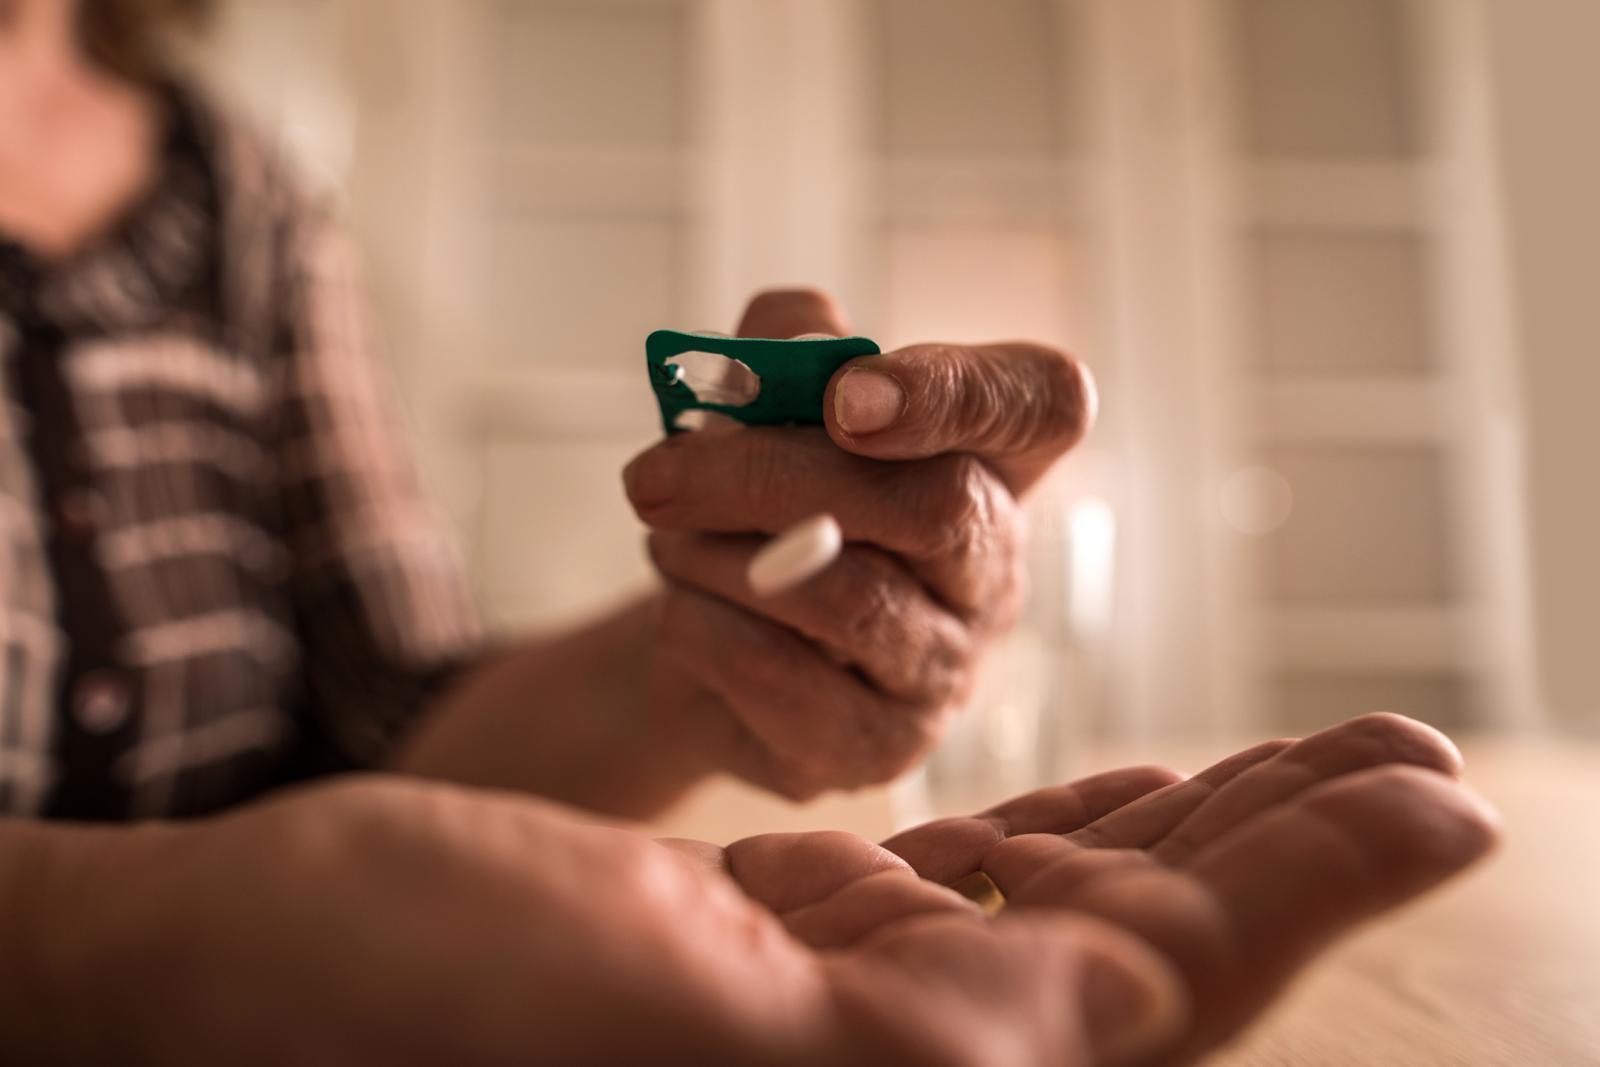 Uzimanje lijekova za razrjeđivanje krvi poput aspirina sprečava petinu ponovnih srčanih i moždanih udara, ali i dovodi do 3000 smrtnih slučajeva godišnje zbog prekomjernog krvarenja samo u Britaniji.